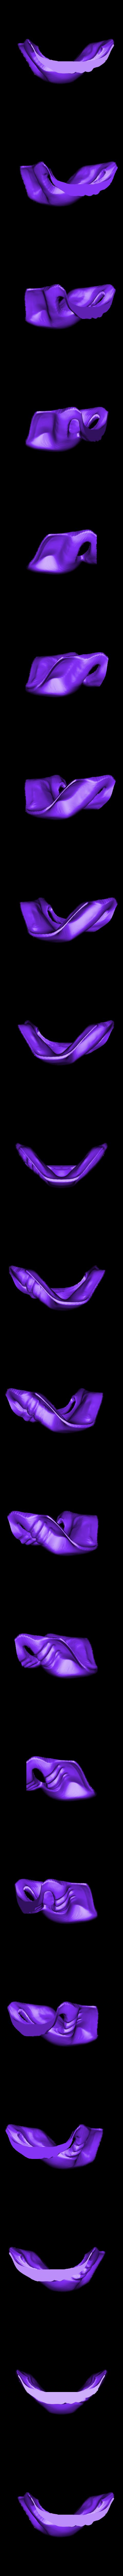 pred_bottom_side.stl Télécharger fichier STL gratuit Masque Predator avec dégâts de combat • Objet imprimable en 3D, Geoffro